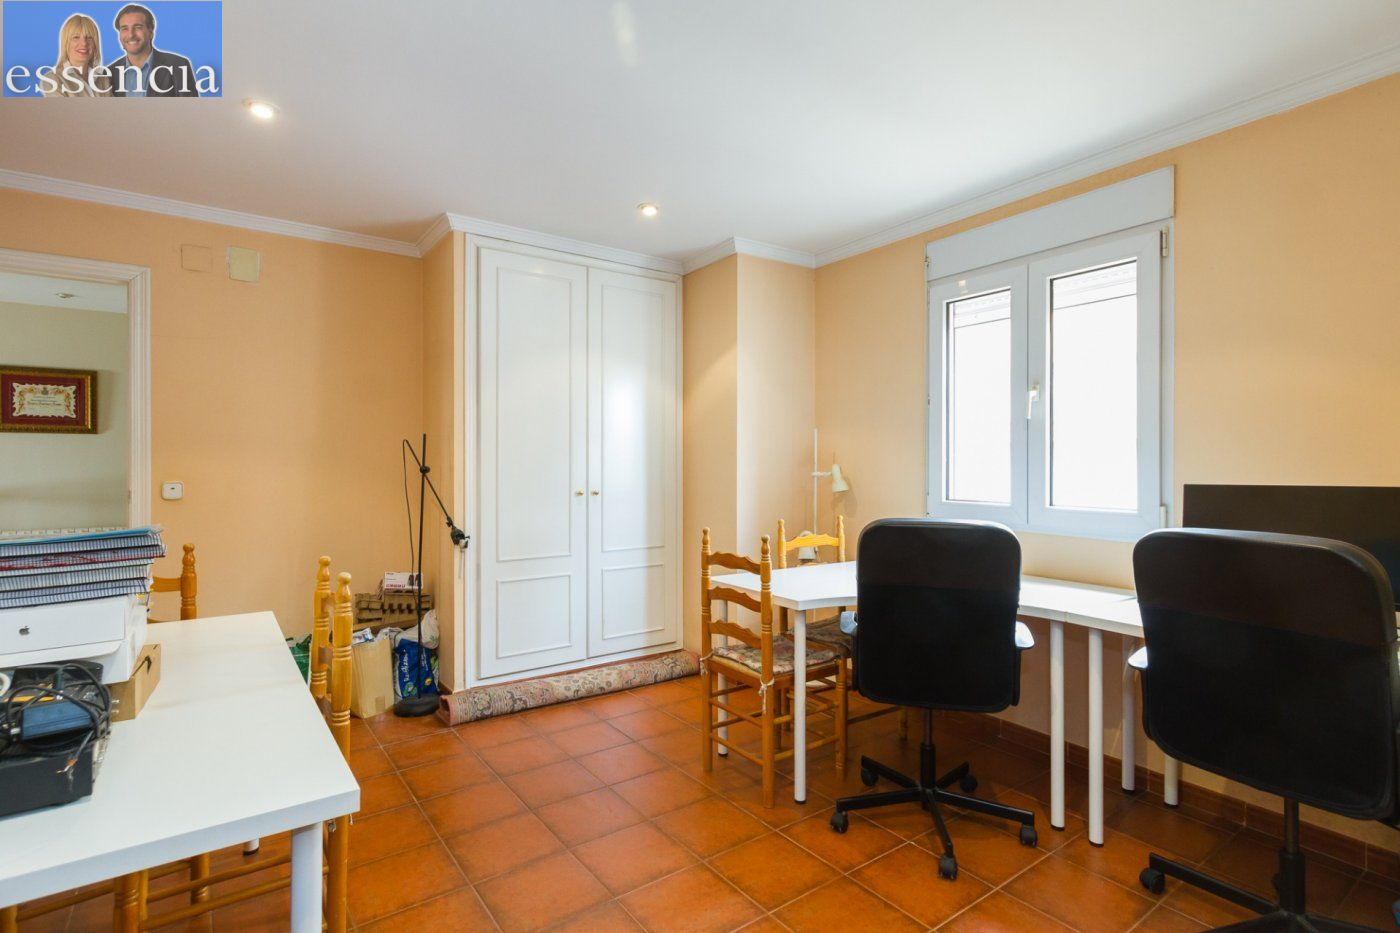 Casa con encanto en el centro de gandÍa para clientes vip - imagenInmueble16